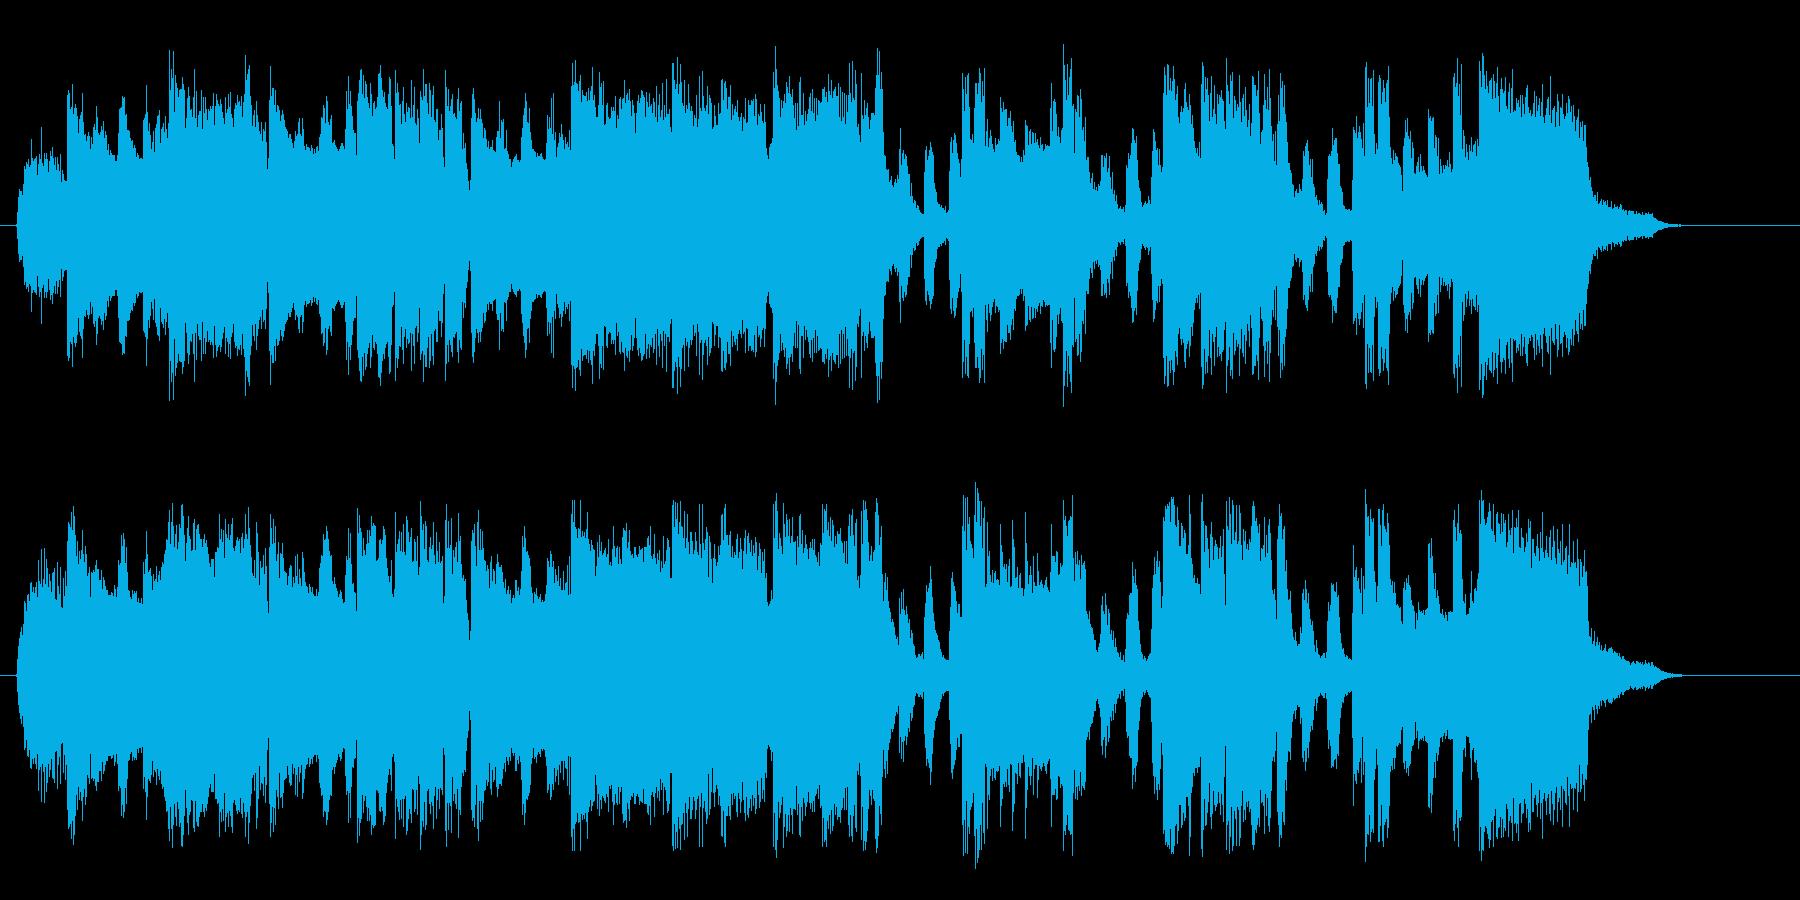 いろんな音がするドキドキしてくるポップの再生済みの波形